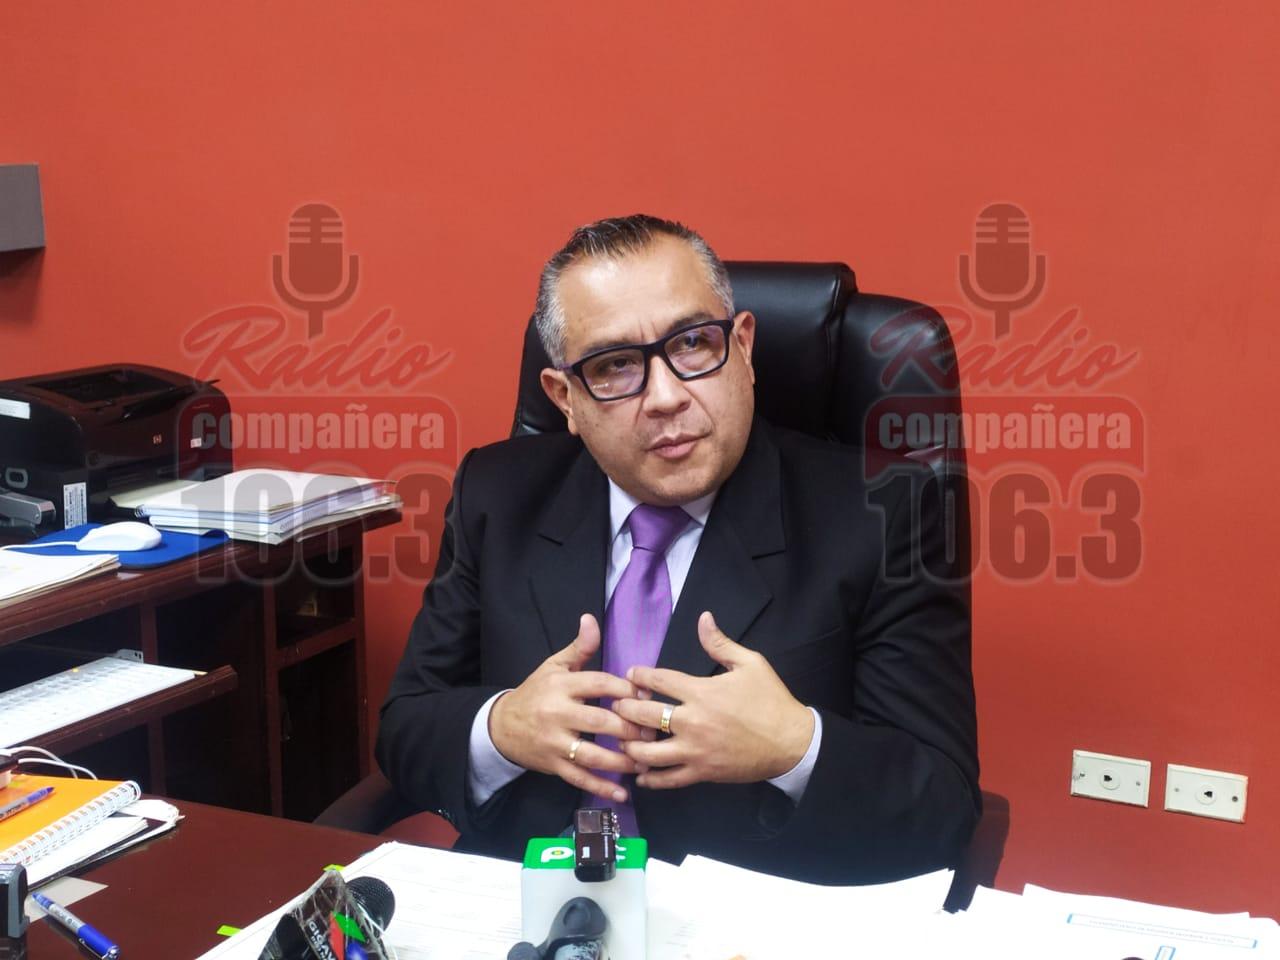 Gobierno demostrará ante la CIDH que Áñez recibe un trato adecuado